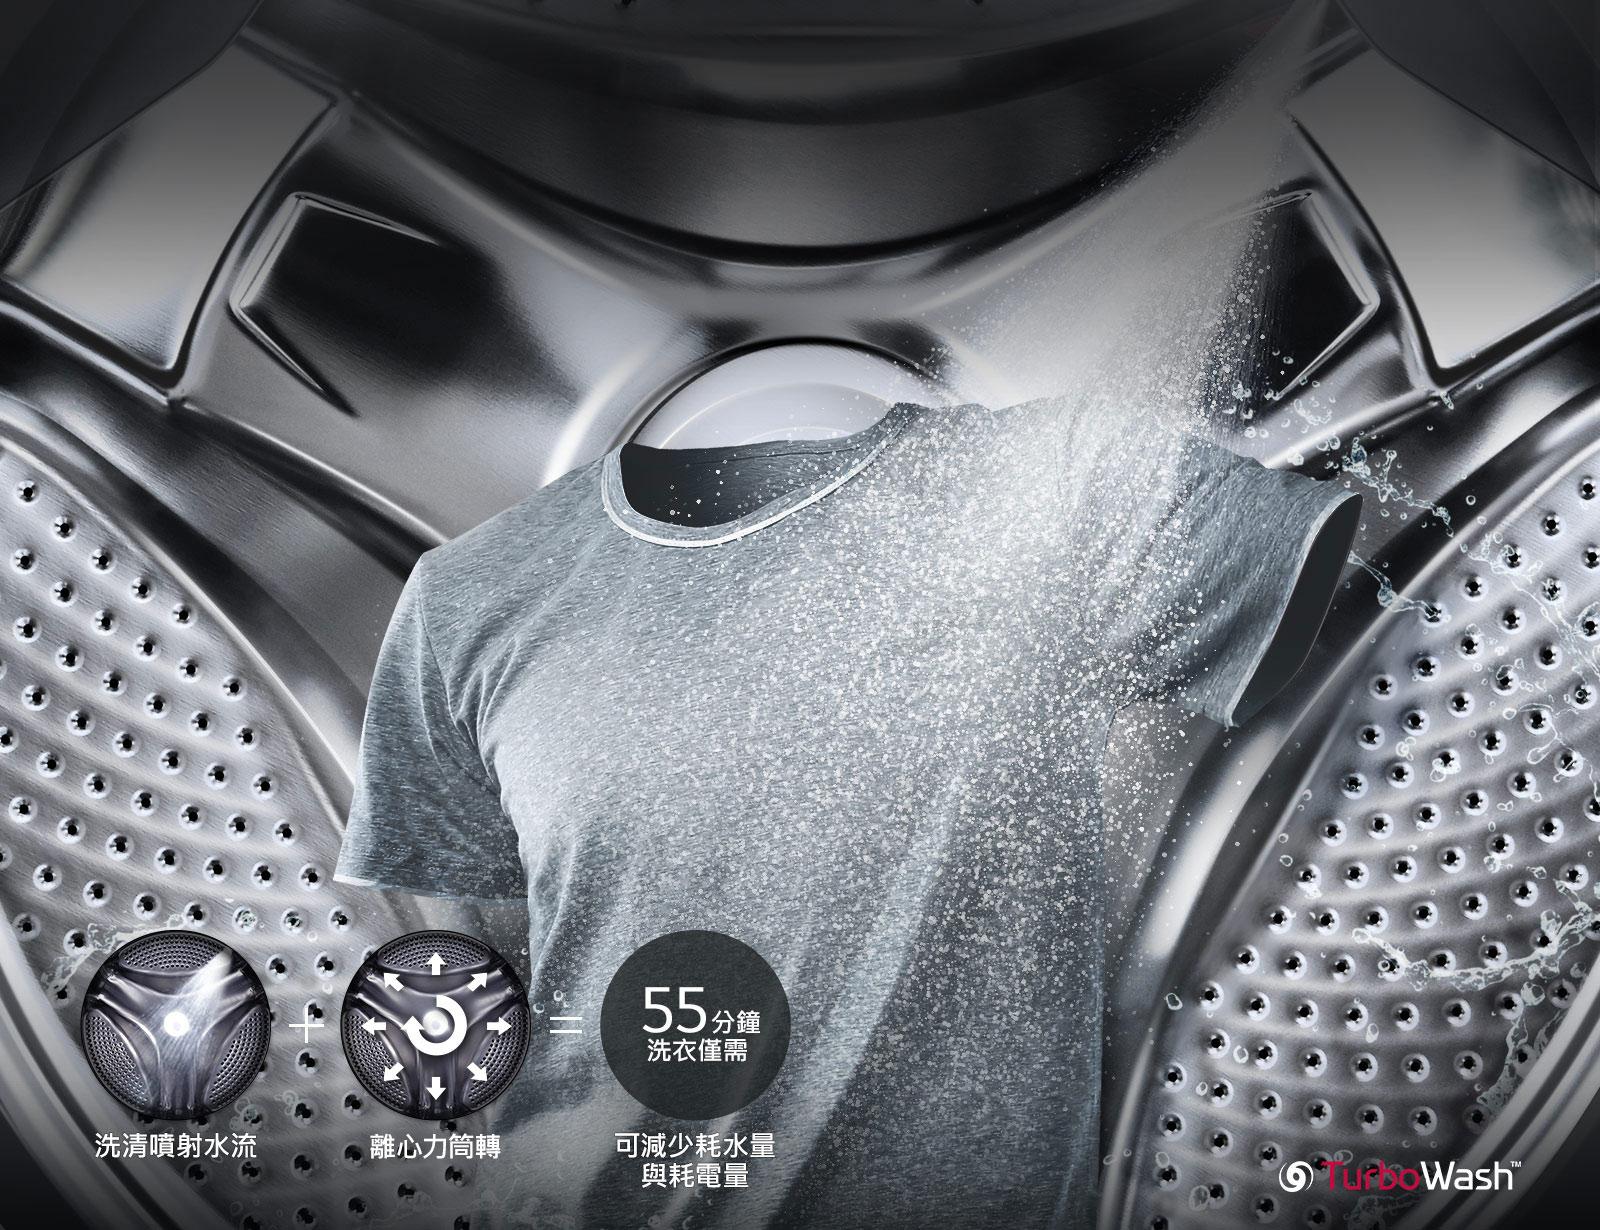 洗清噴射水流對畫面前方灰色襯衫灑水,畫面後方是洗衣機滾筒。下方小圖顯示了直噴式灑水與濾水器的功能。